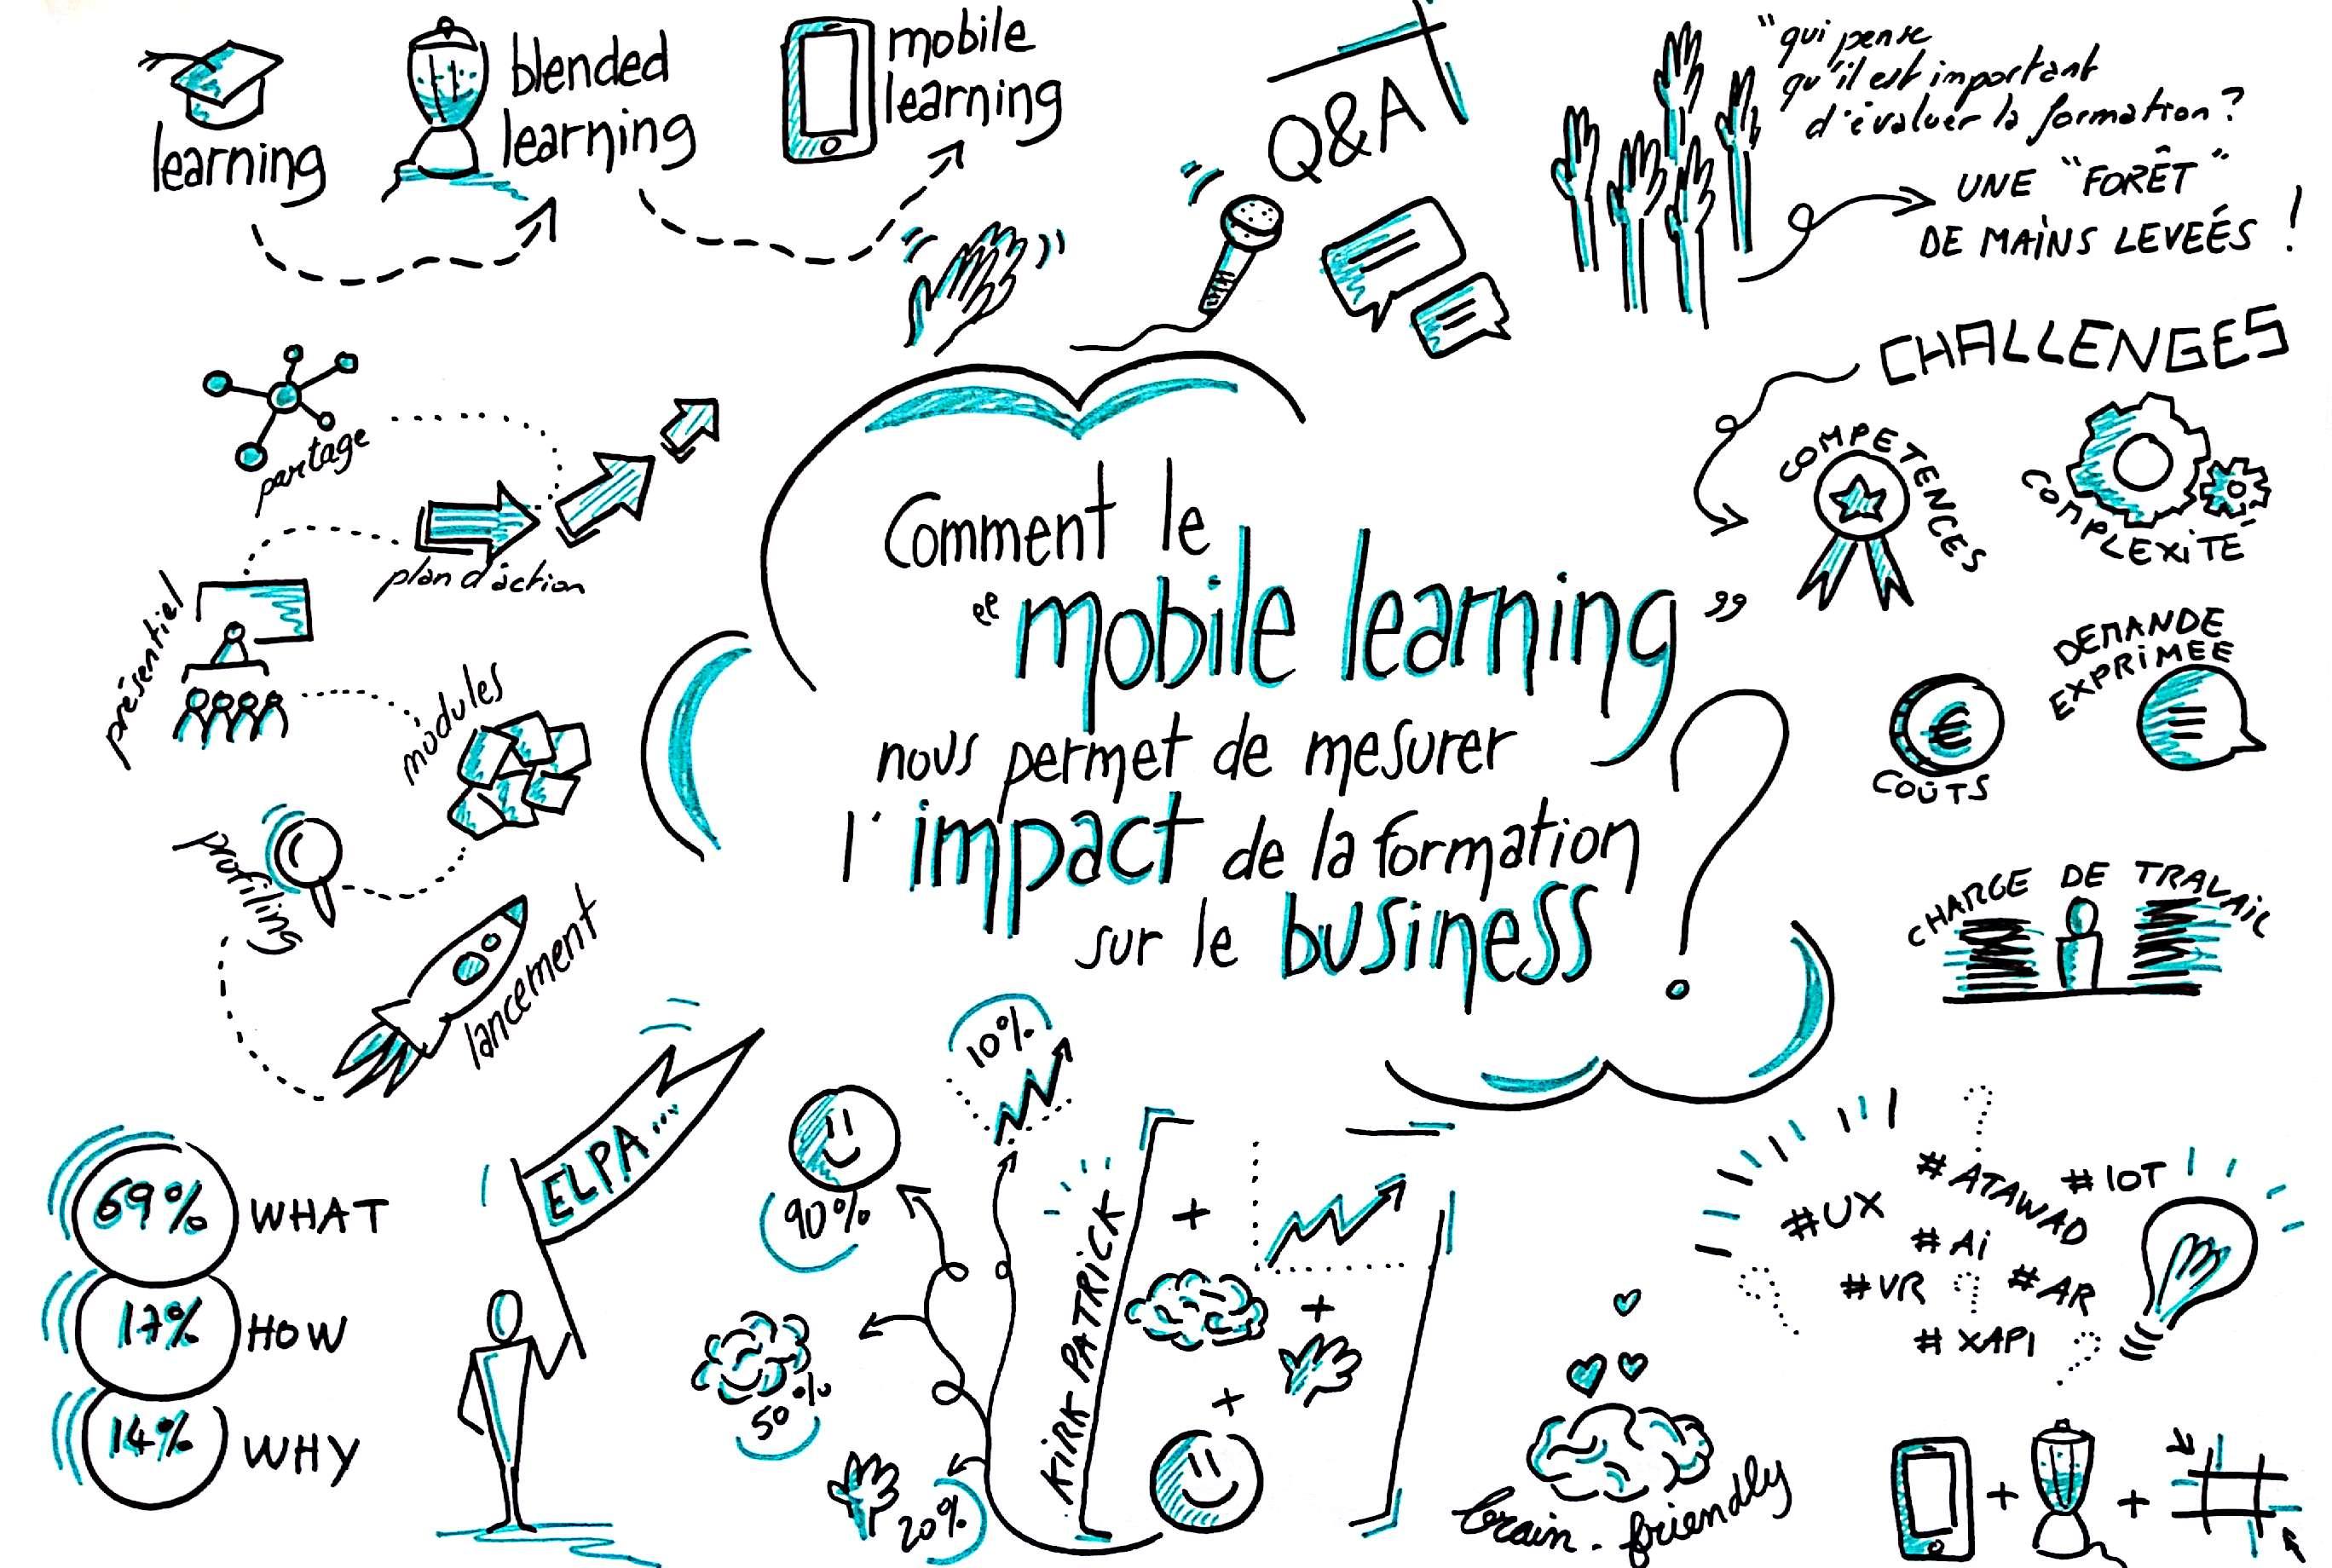 Sketchote de la conférence de Jérôme Wargnier, sur l'impact de la formation sur le business de l'entreprise